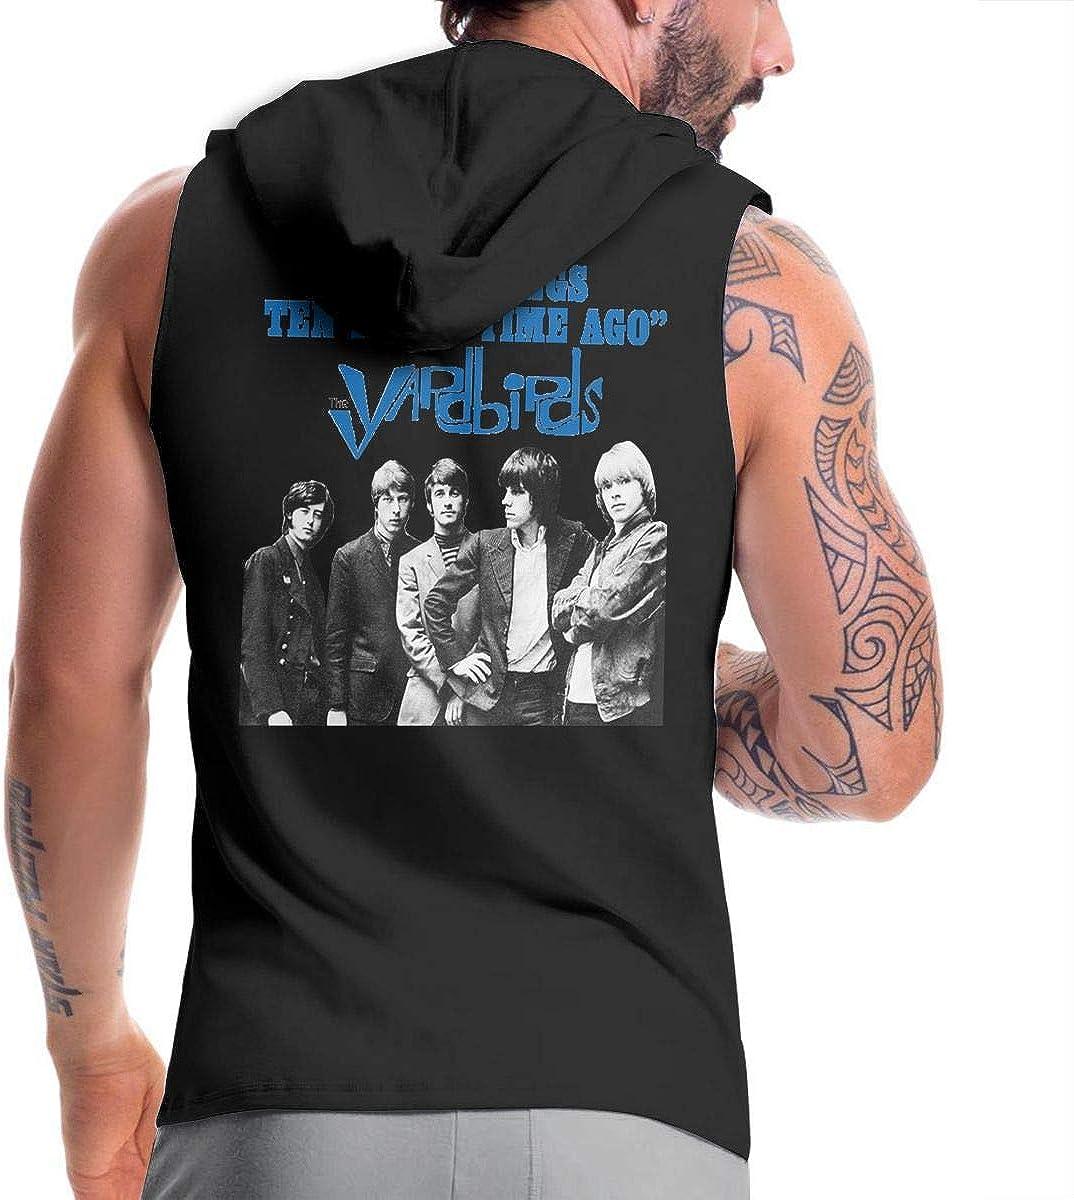 Hengteng Mens Cool with Hood Bag The Yardbirds Happenings Ten Years Time Ago Zipper Hoodie